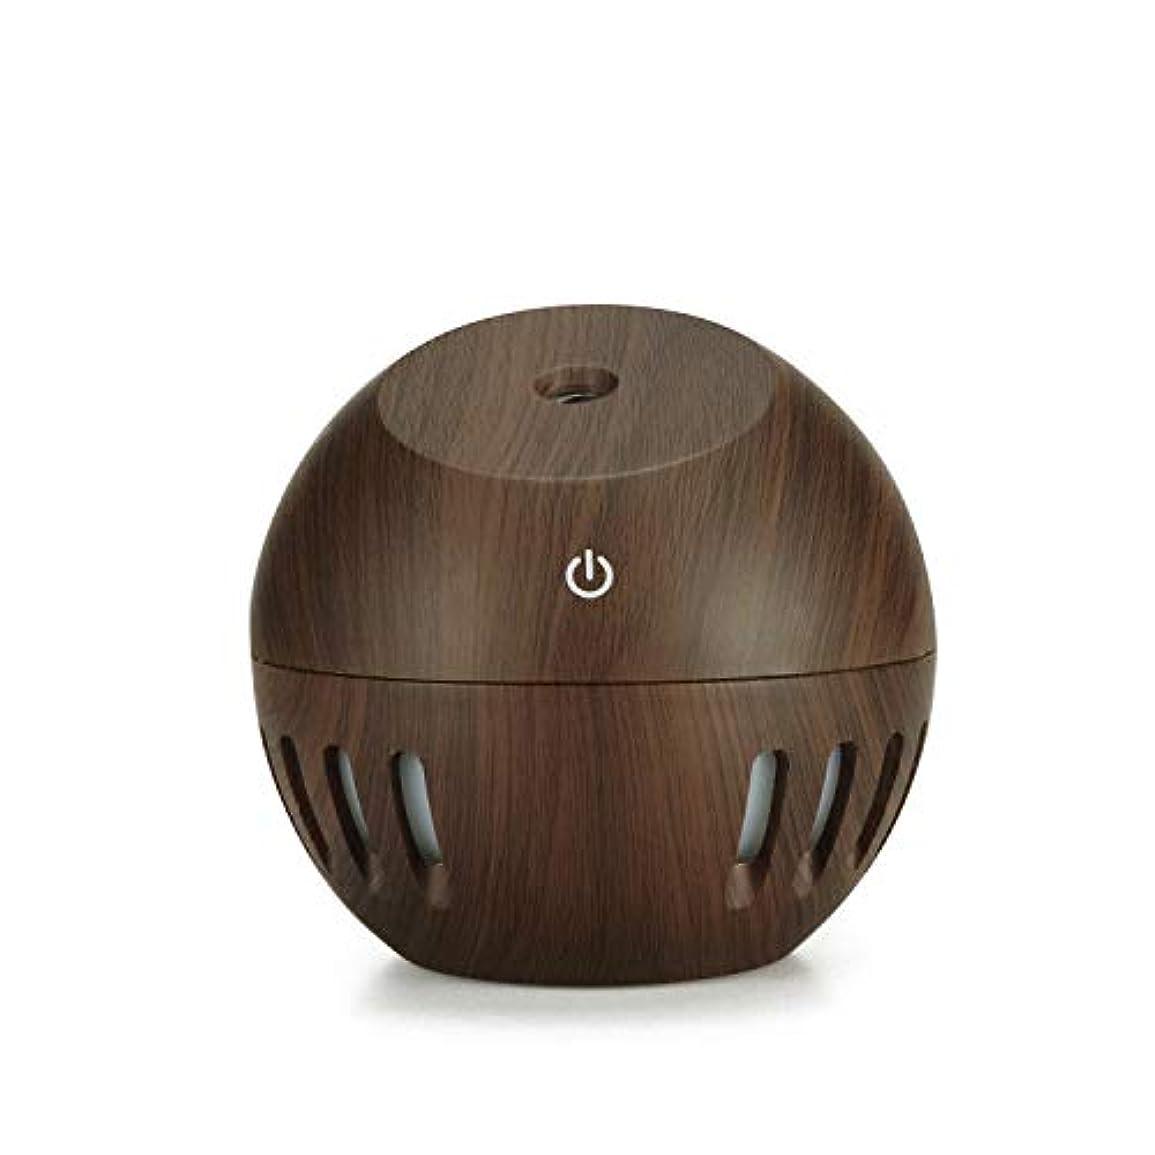 祈るまろやかなヒット130ml Essential Oils Diffuser Electric Cool Mist Aroma Diffuser For Home, Yoga, Bedroom